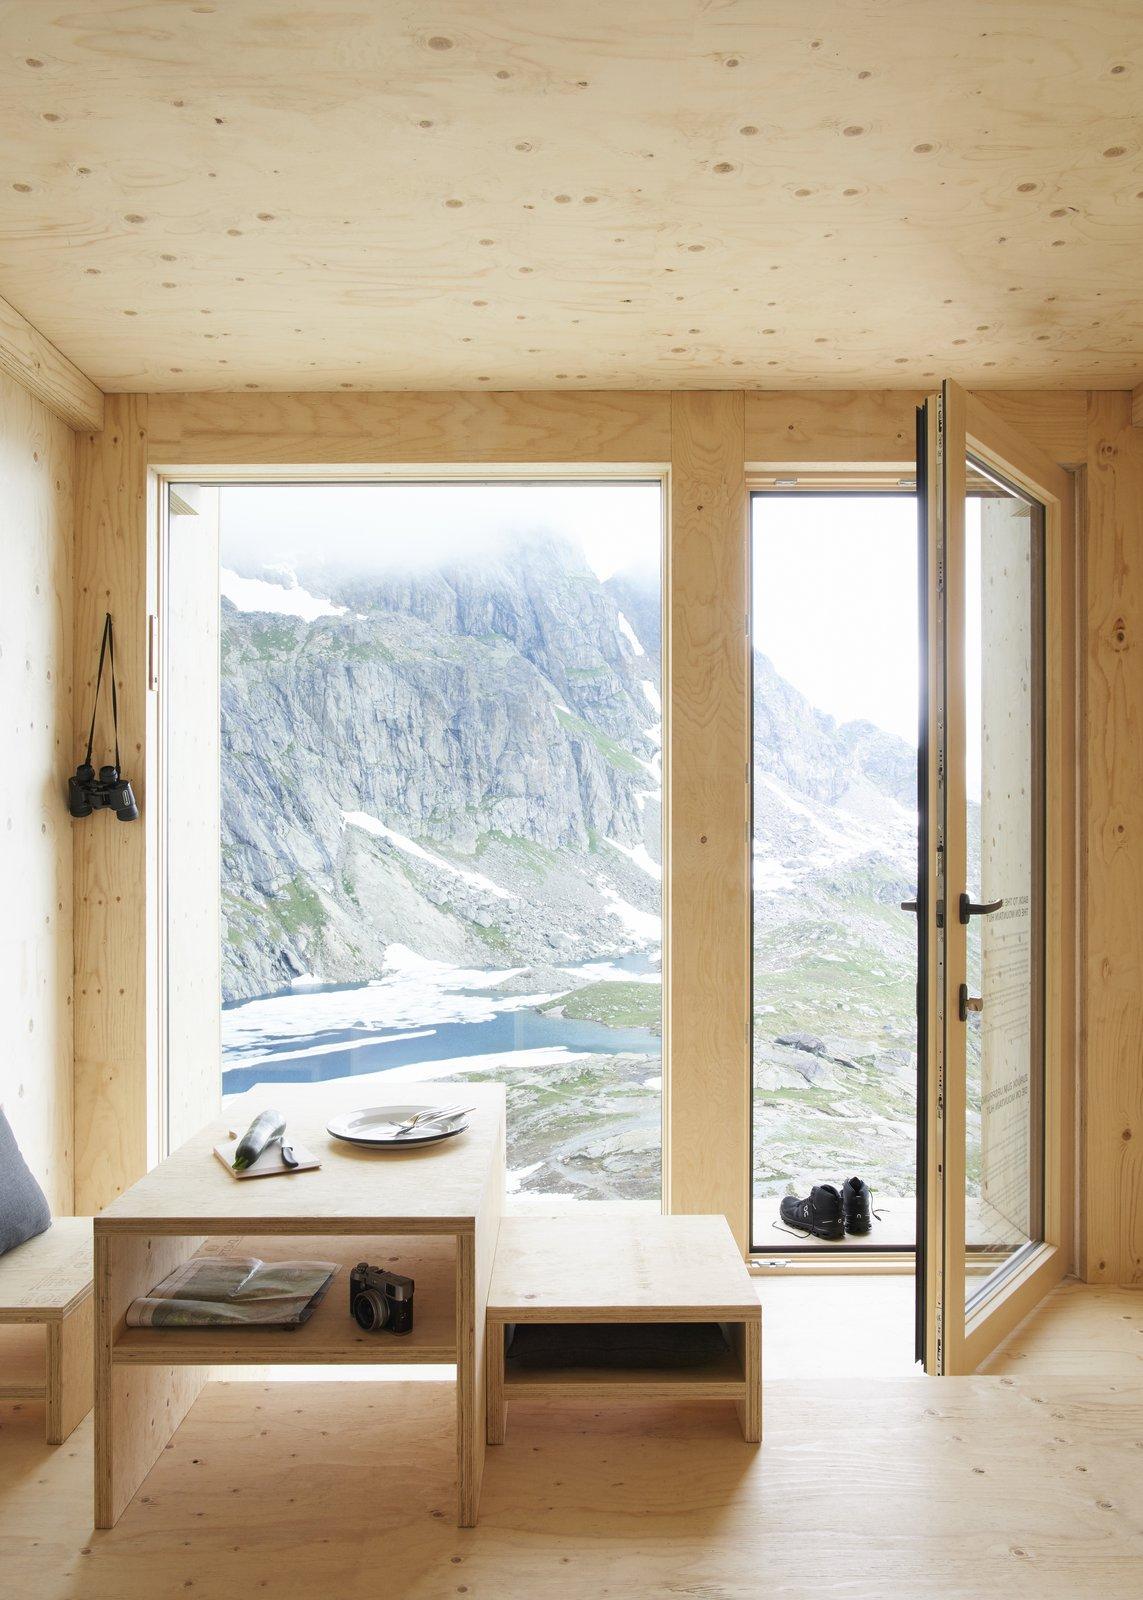 On Mountain Hut interior